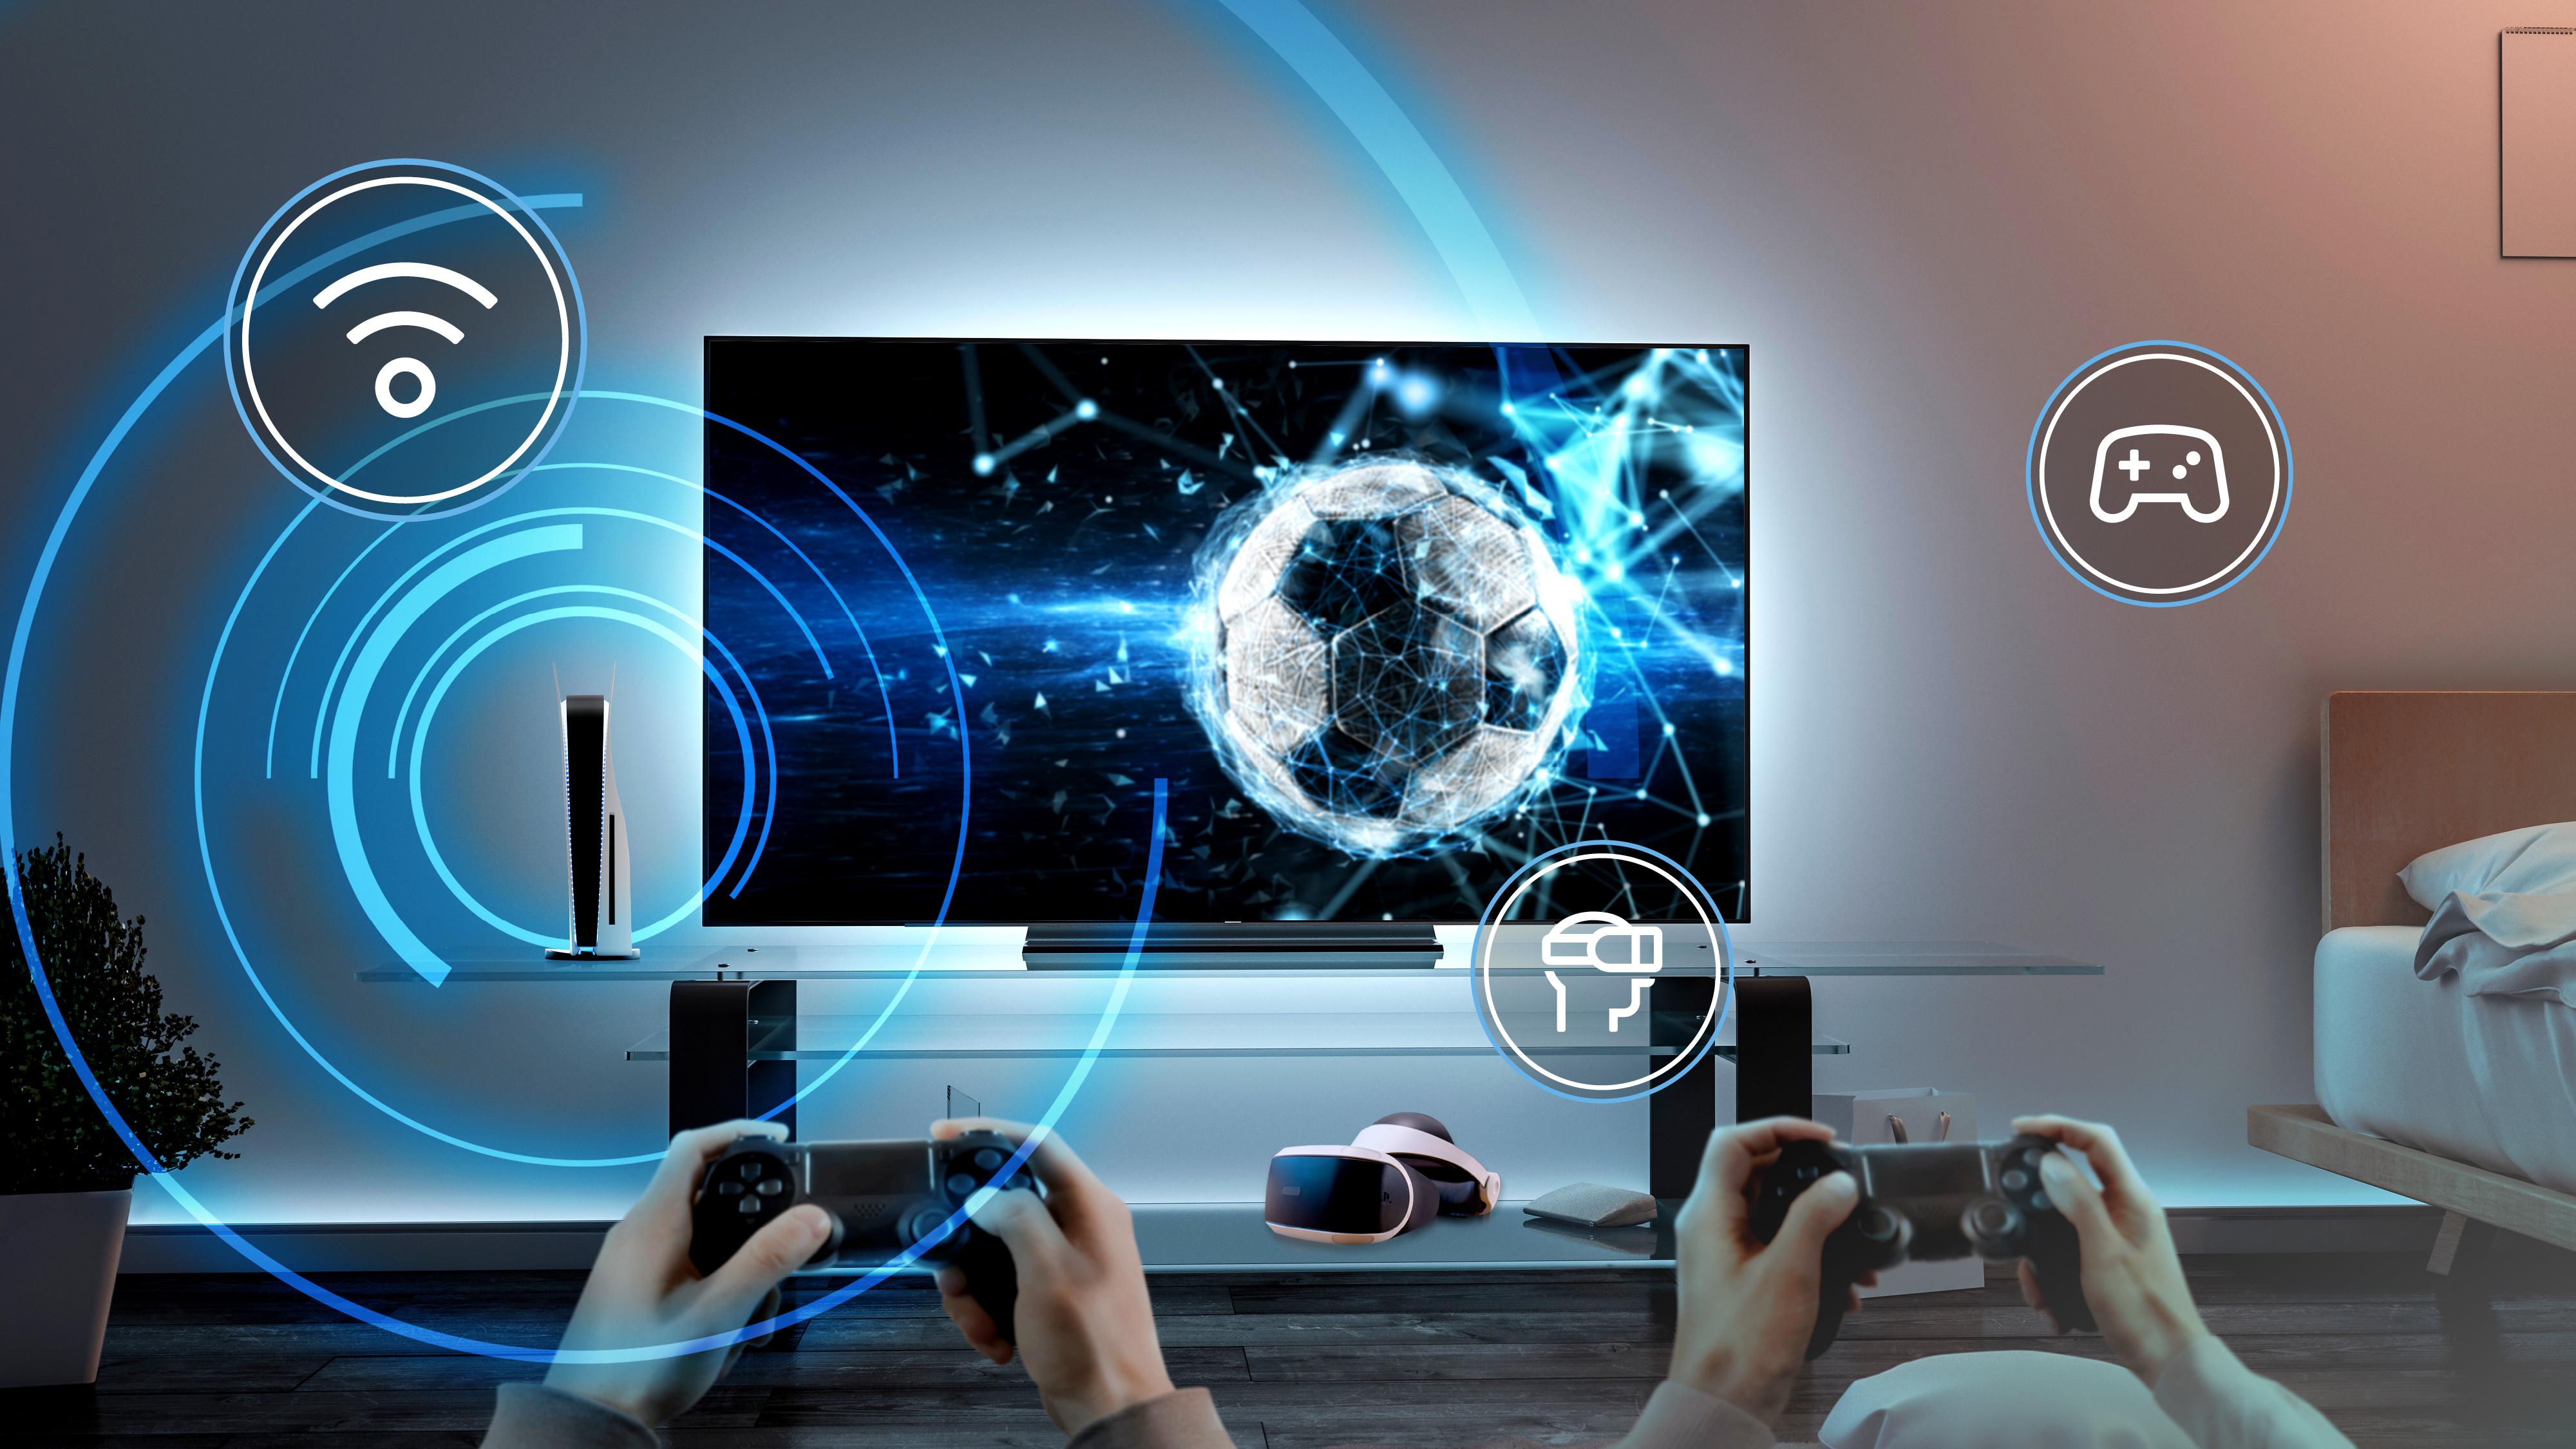 恩智浦发布行业领先的2x2 Wi-Fi 6 +蓝牙解决方案,彻底改变游戏、音频、永利app客户端下载和物联网市场